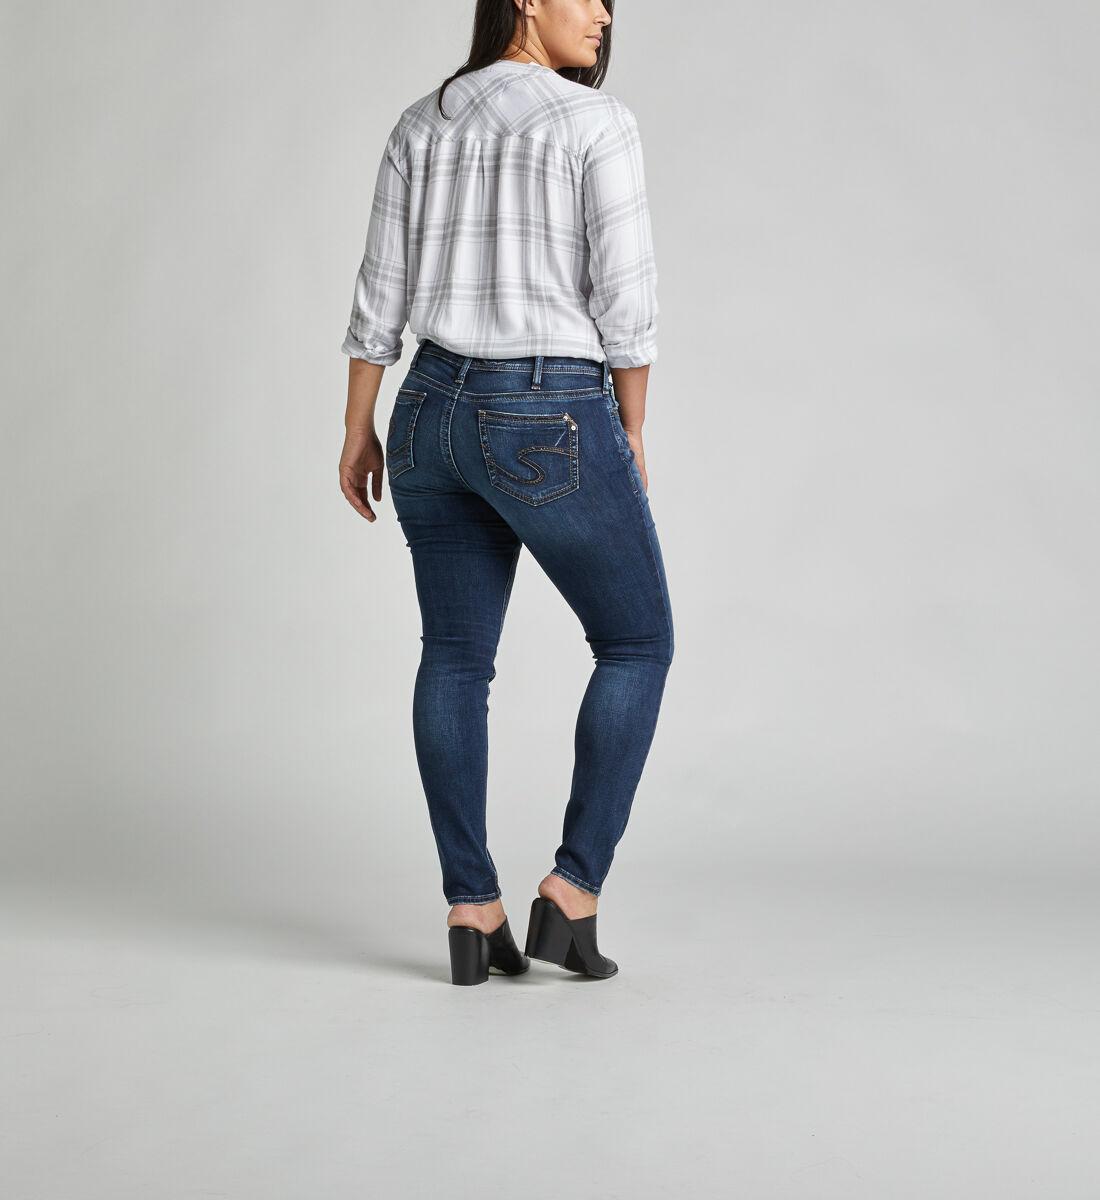 Suki Mid Rise Super Skinny Jeans Plus Size Back